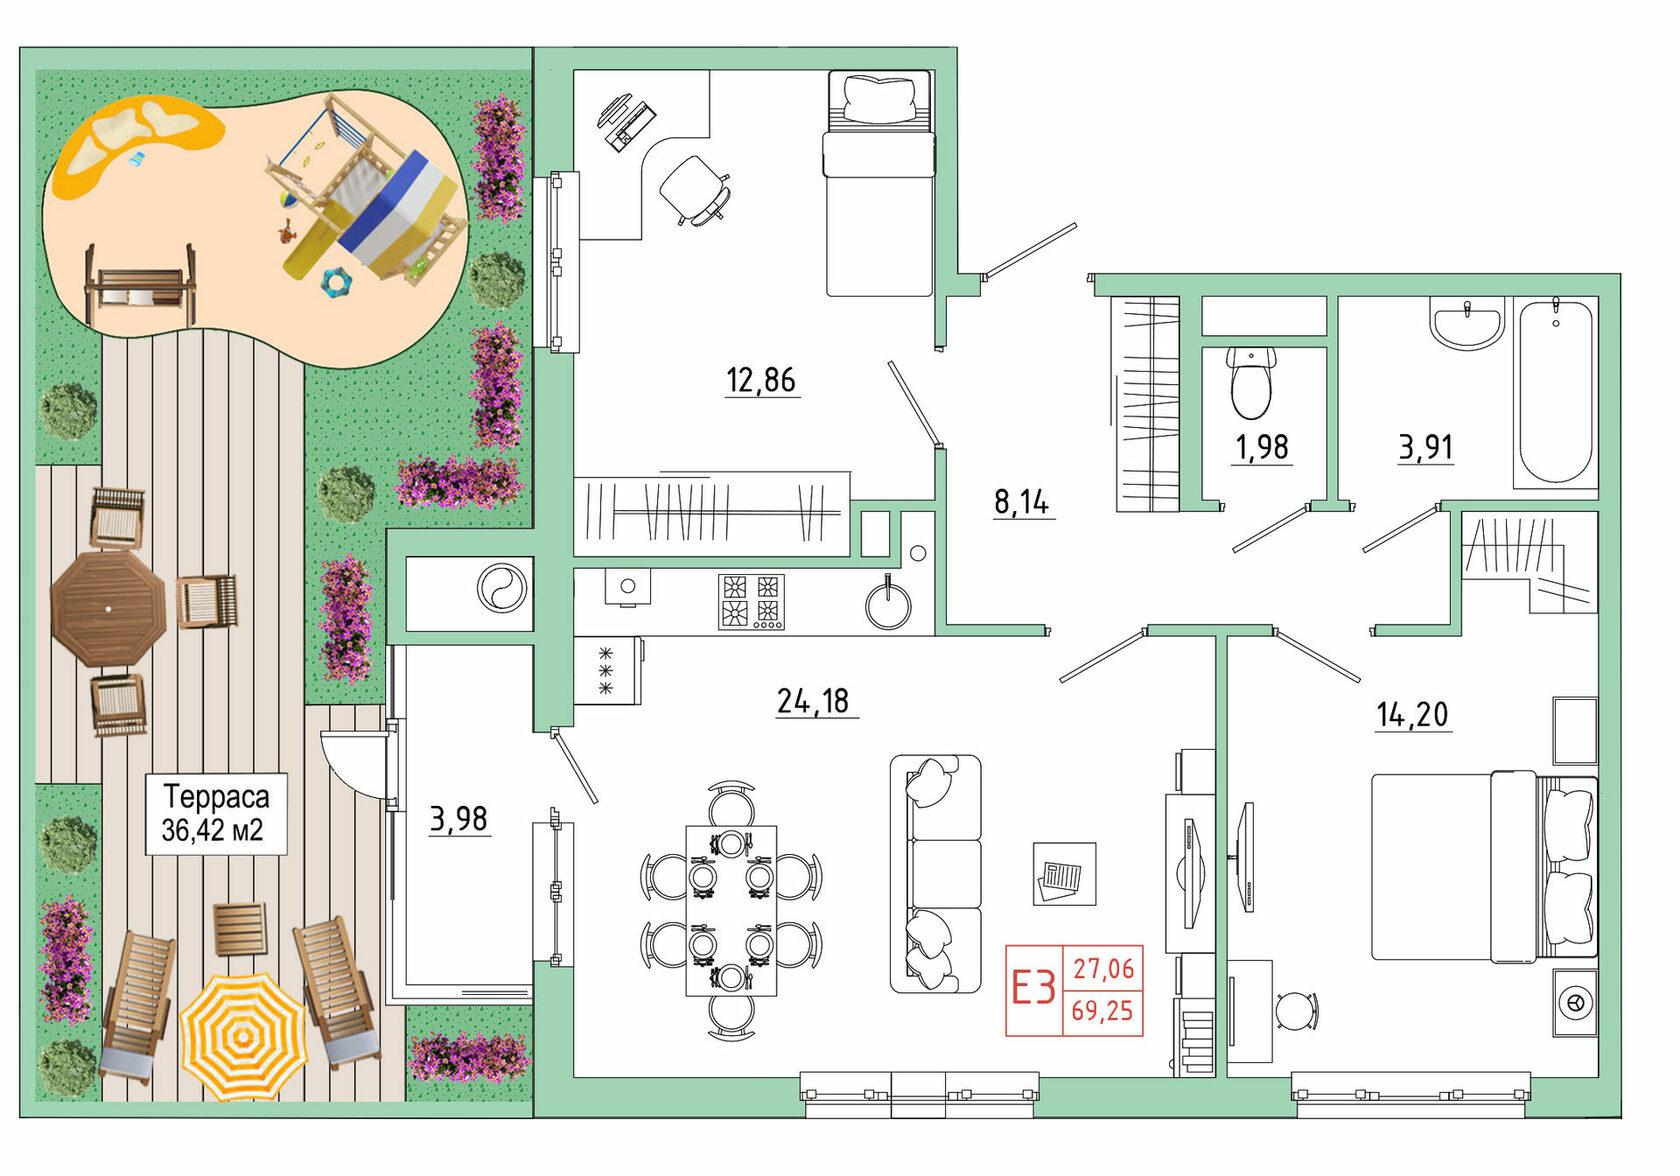 Квартиры с террасой, квартиры с террасами, квартира с террасой, Тула, Капитал, Квартира в ипотеку в Туле, Новостройки Тулы, от застройщика